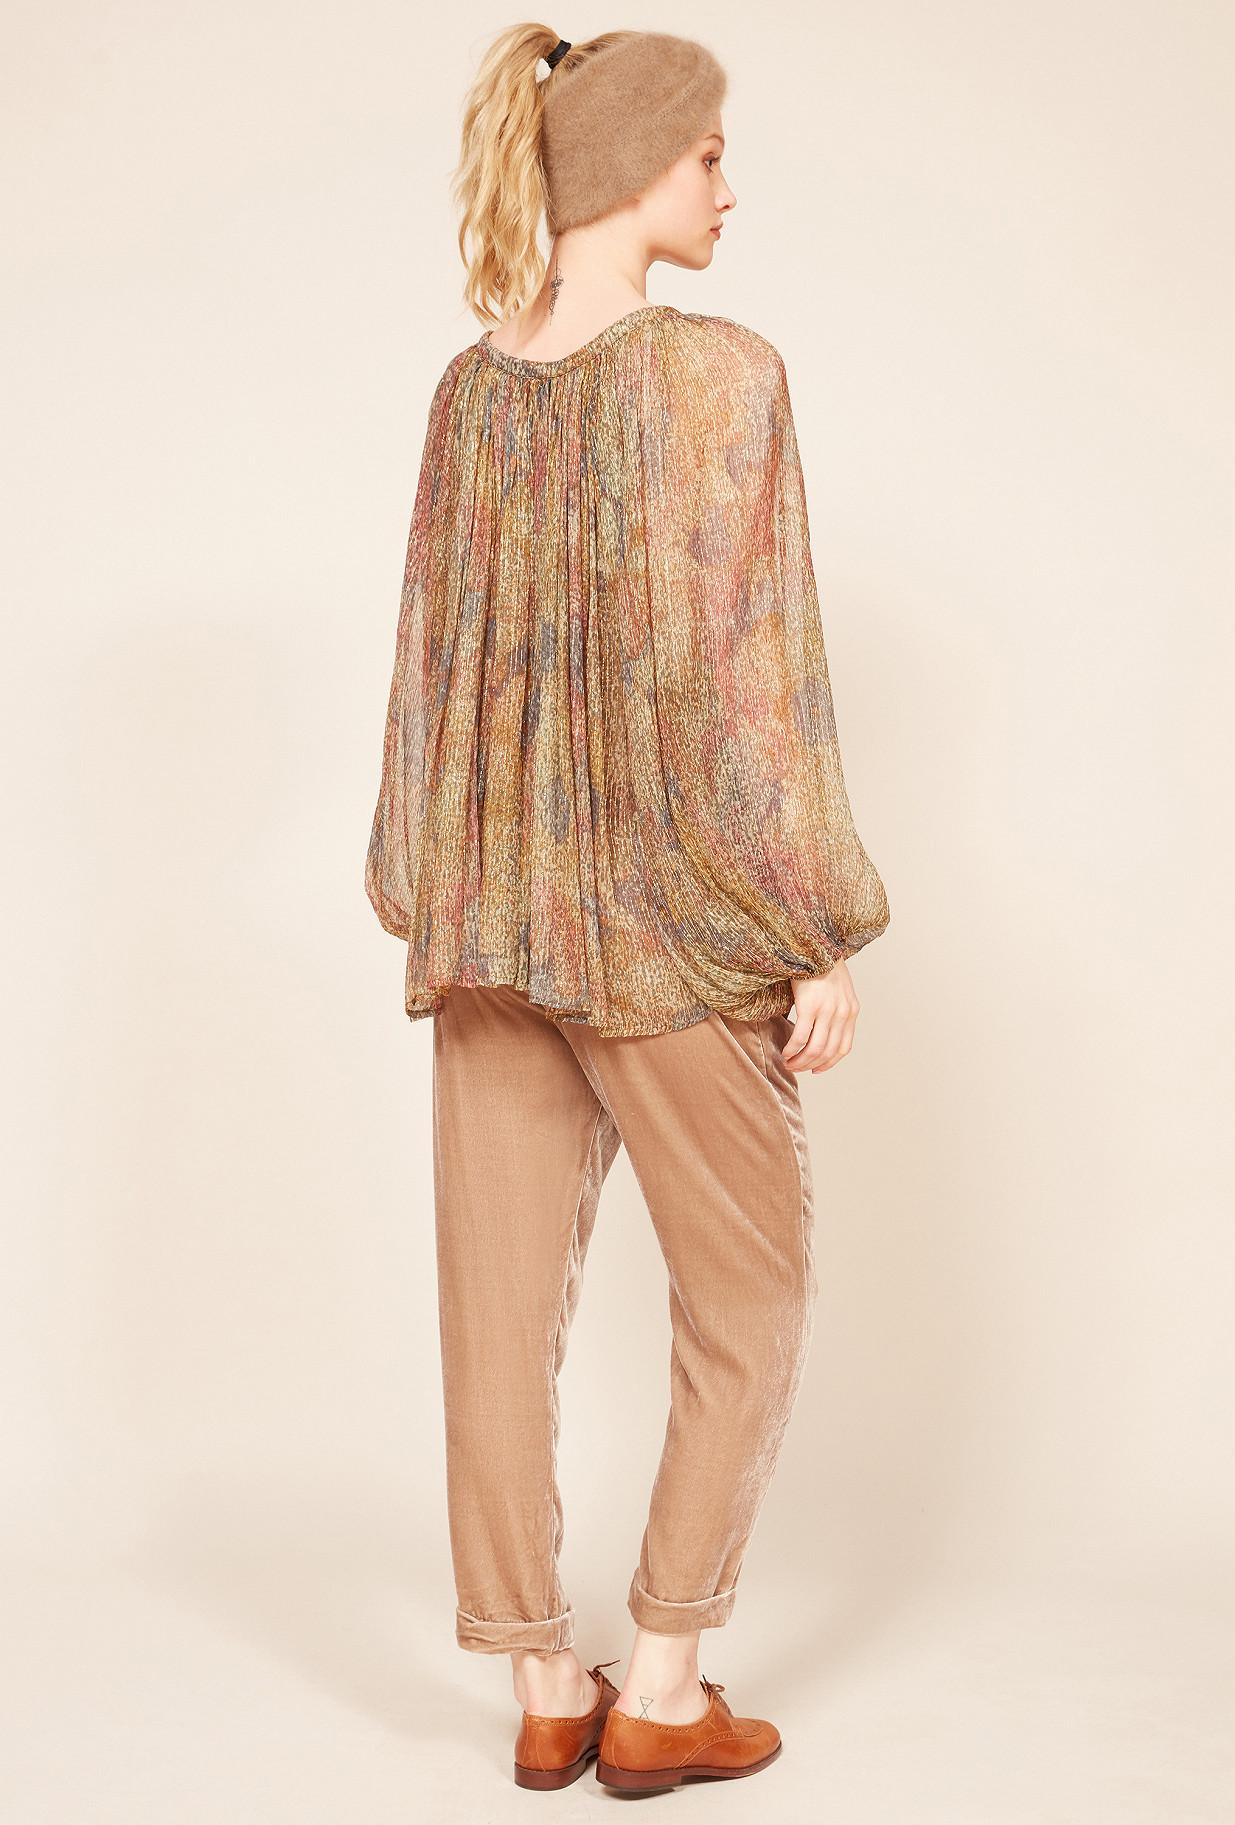 Floral print  Blouse  Acacia Mes demoiselles fashion clothes designer Paris